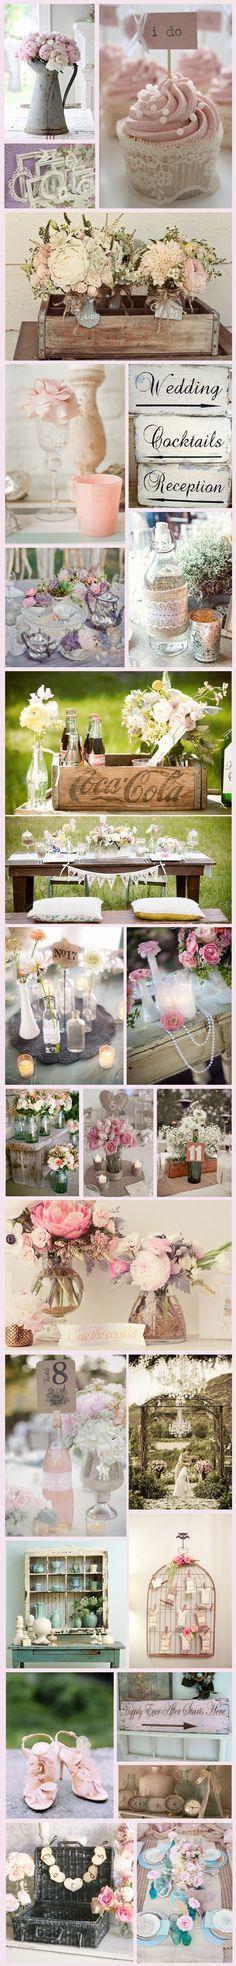 シャビーシックな結婚式ー1 の画像|可愛い結婚式を自分でつくろう